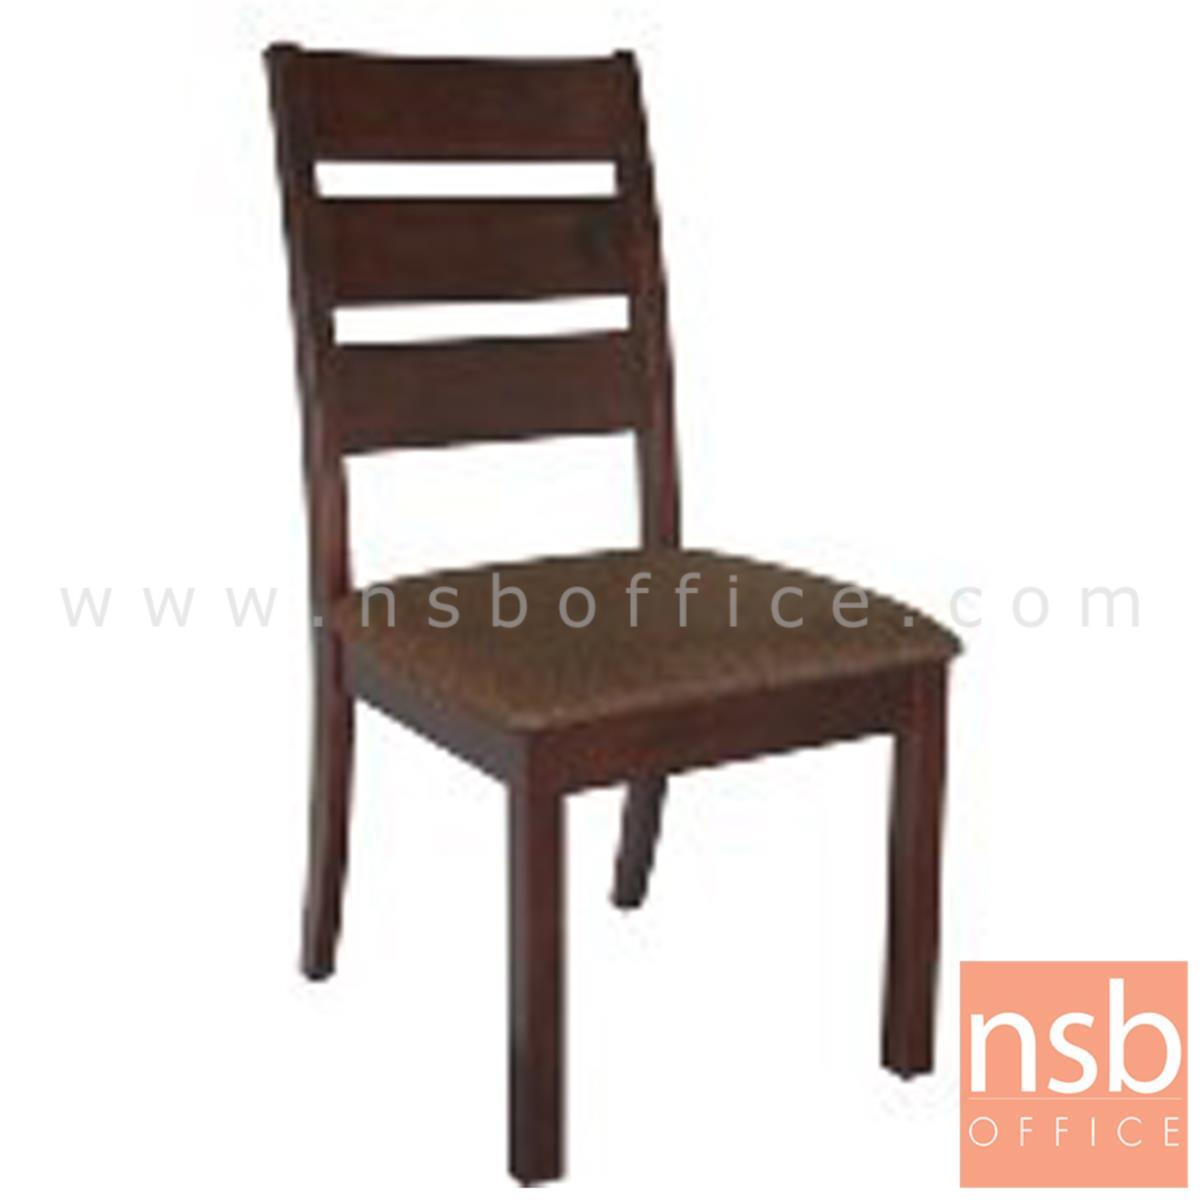 B22A183:เก้าอี้ไม้เบาะหุ้มผ้า รุ่น toba (โทบา)   พนักพิงไม้